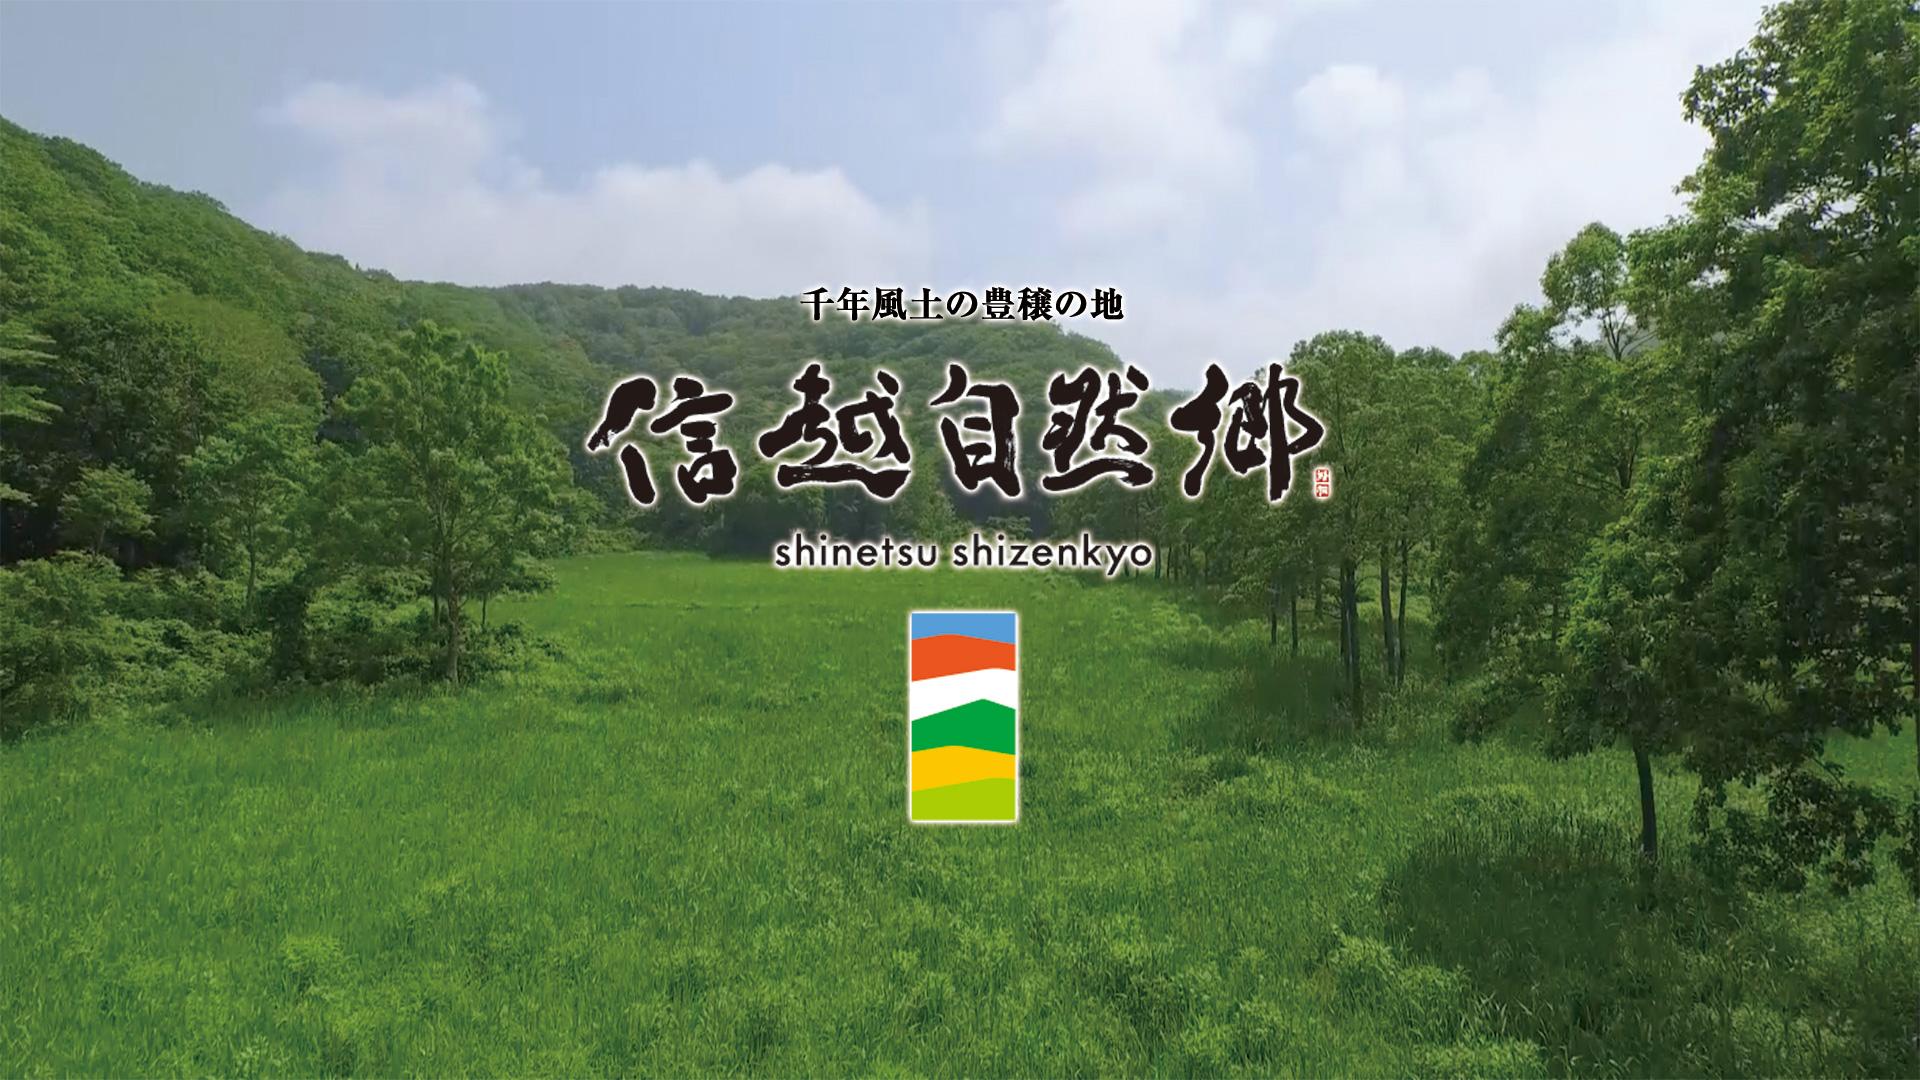 信越自然郷2015_summer_ad